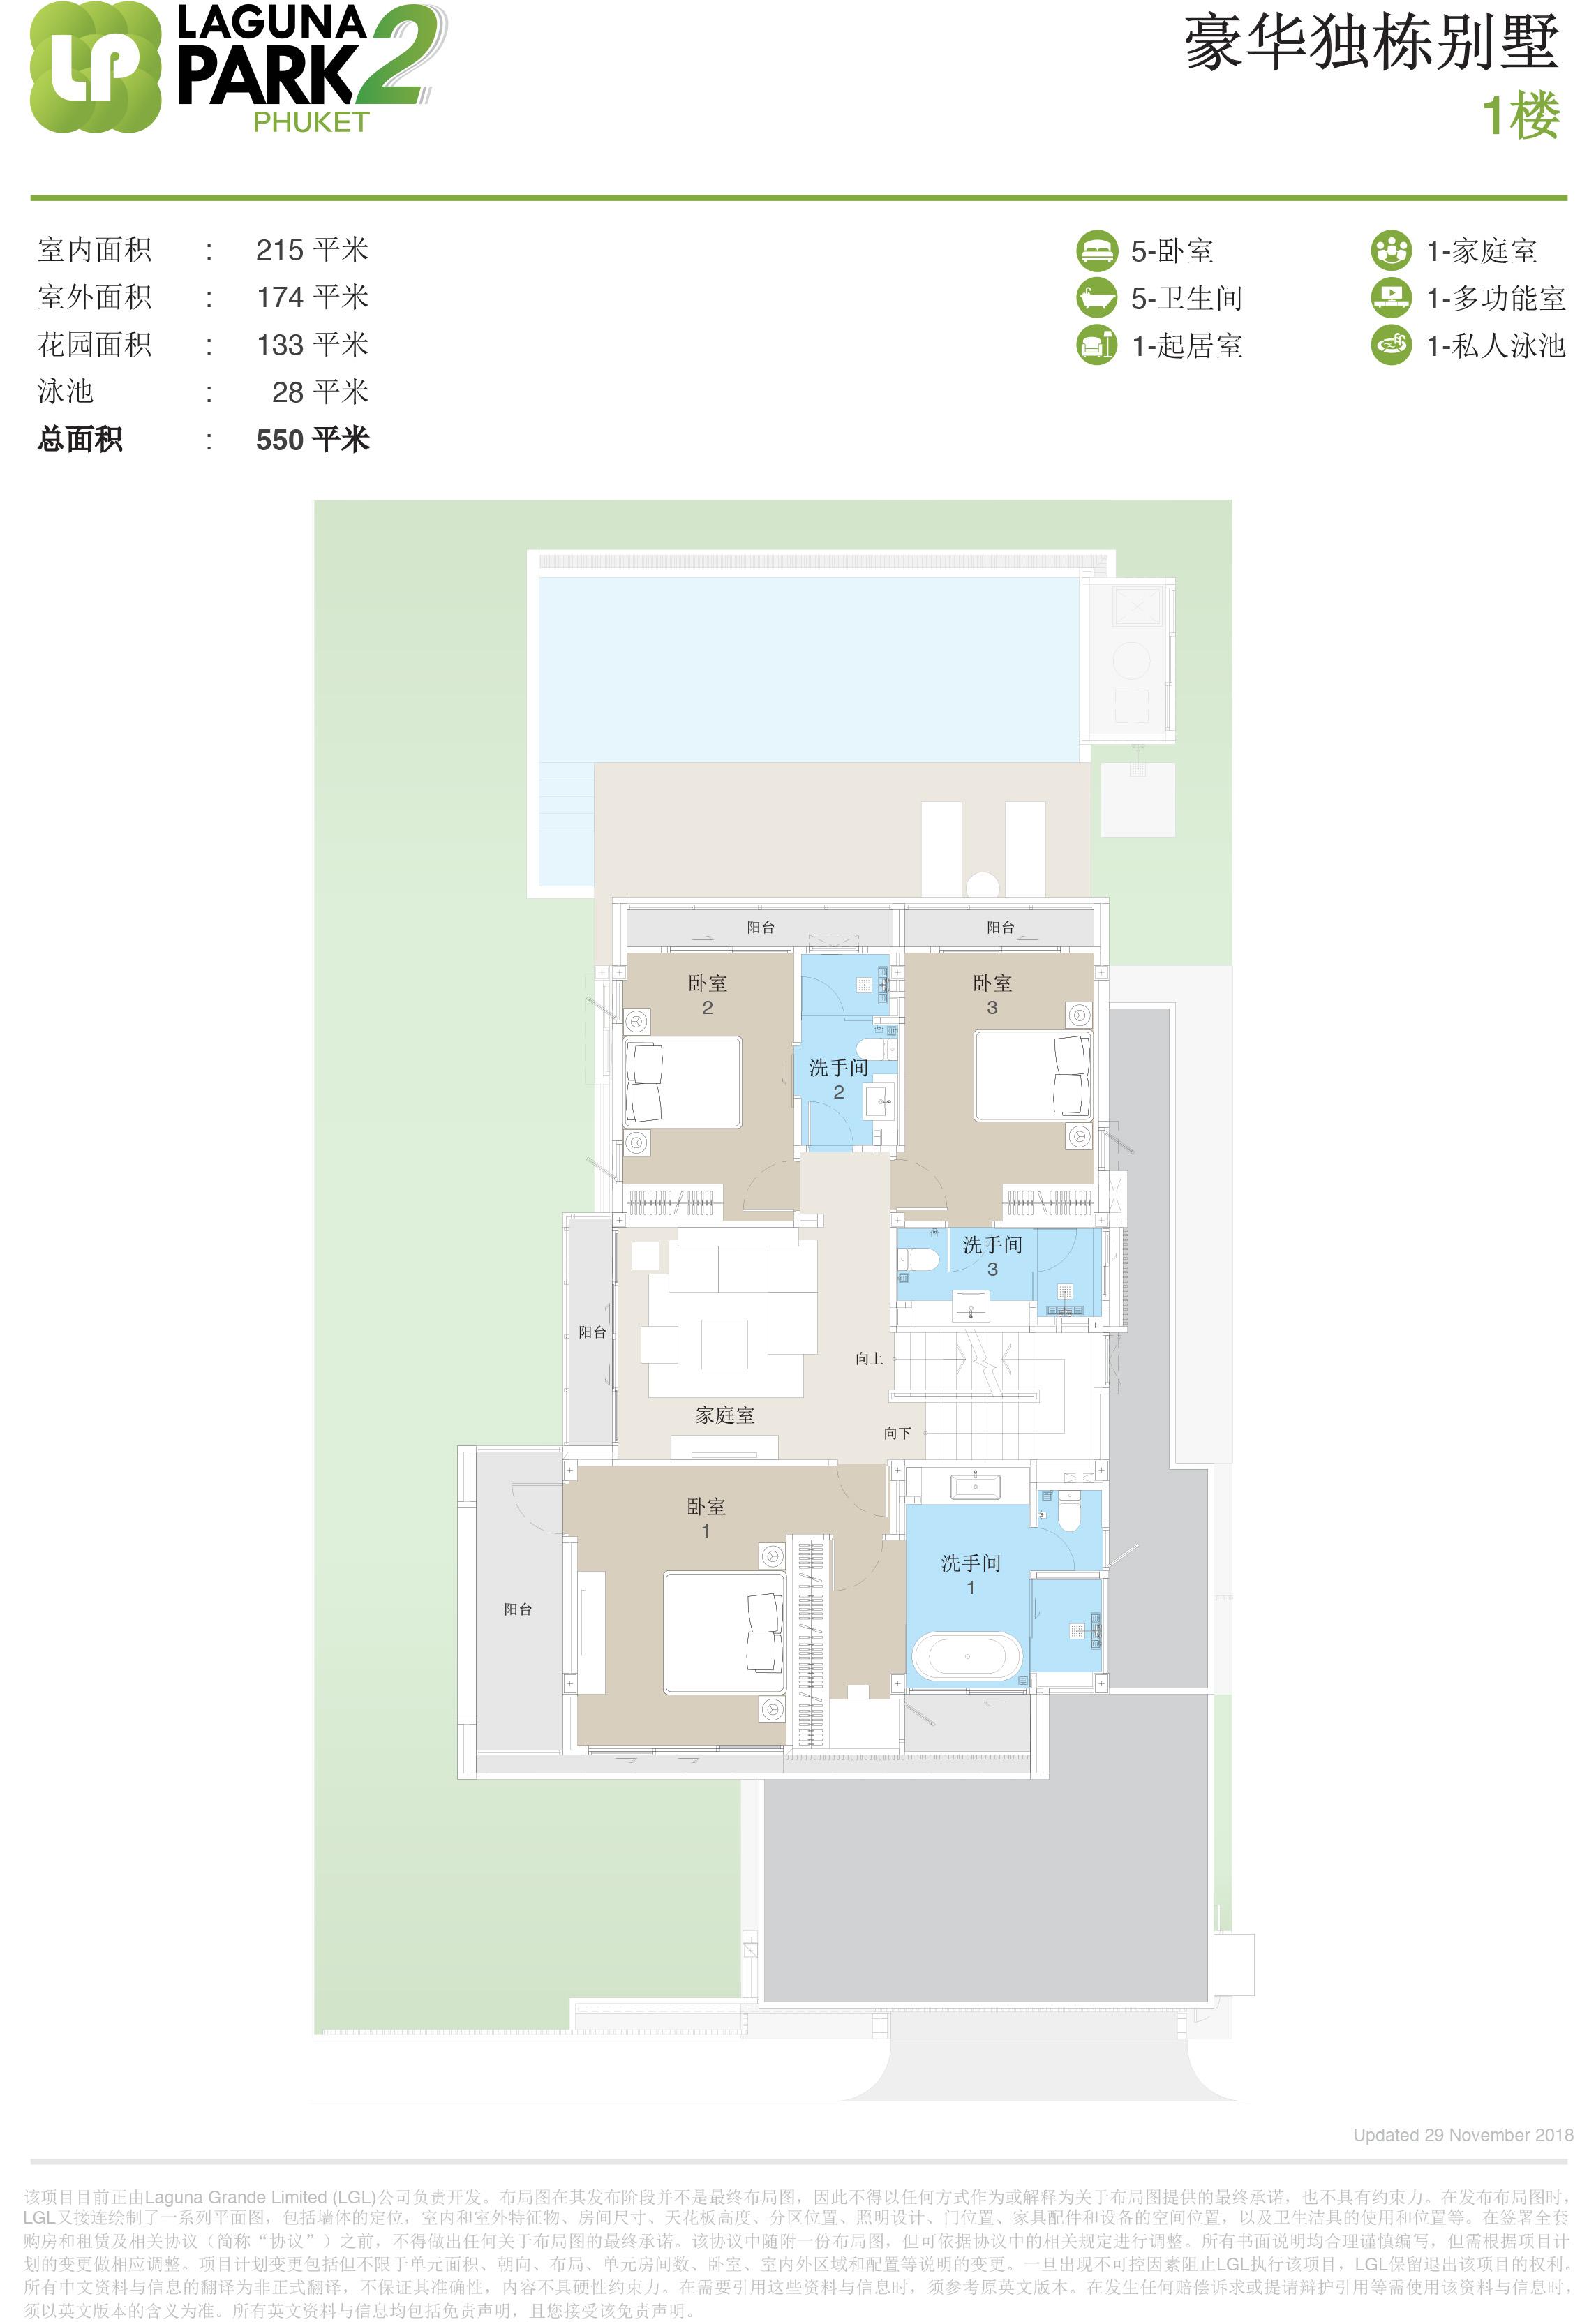 悦榕集团 普吉乐古浪精致小别墅 Lauguna Park2 熙园二期